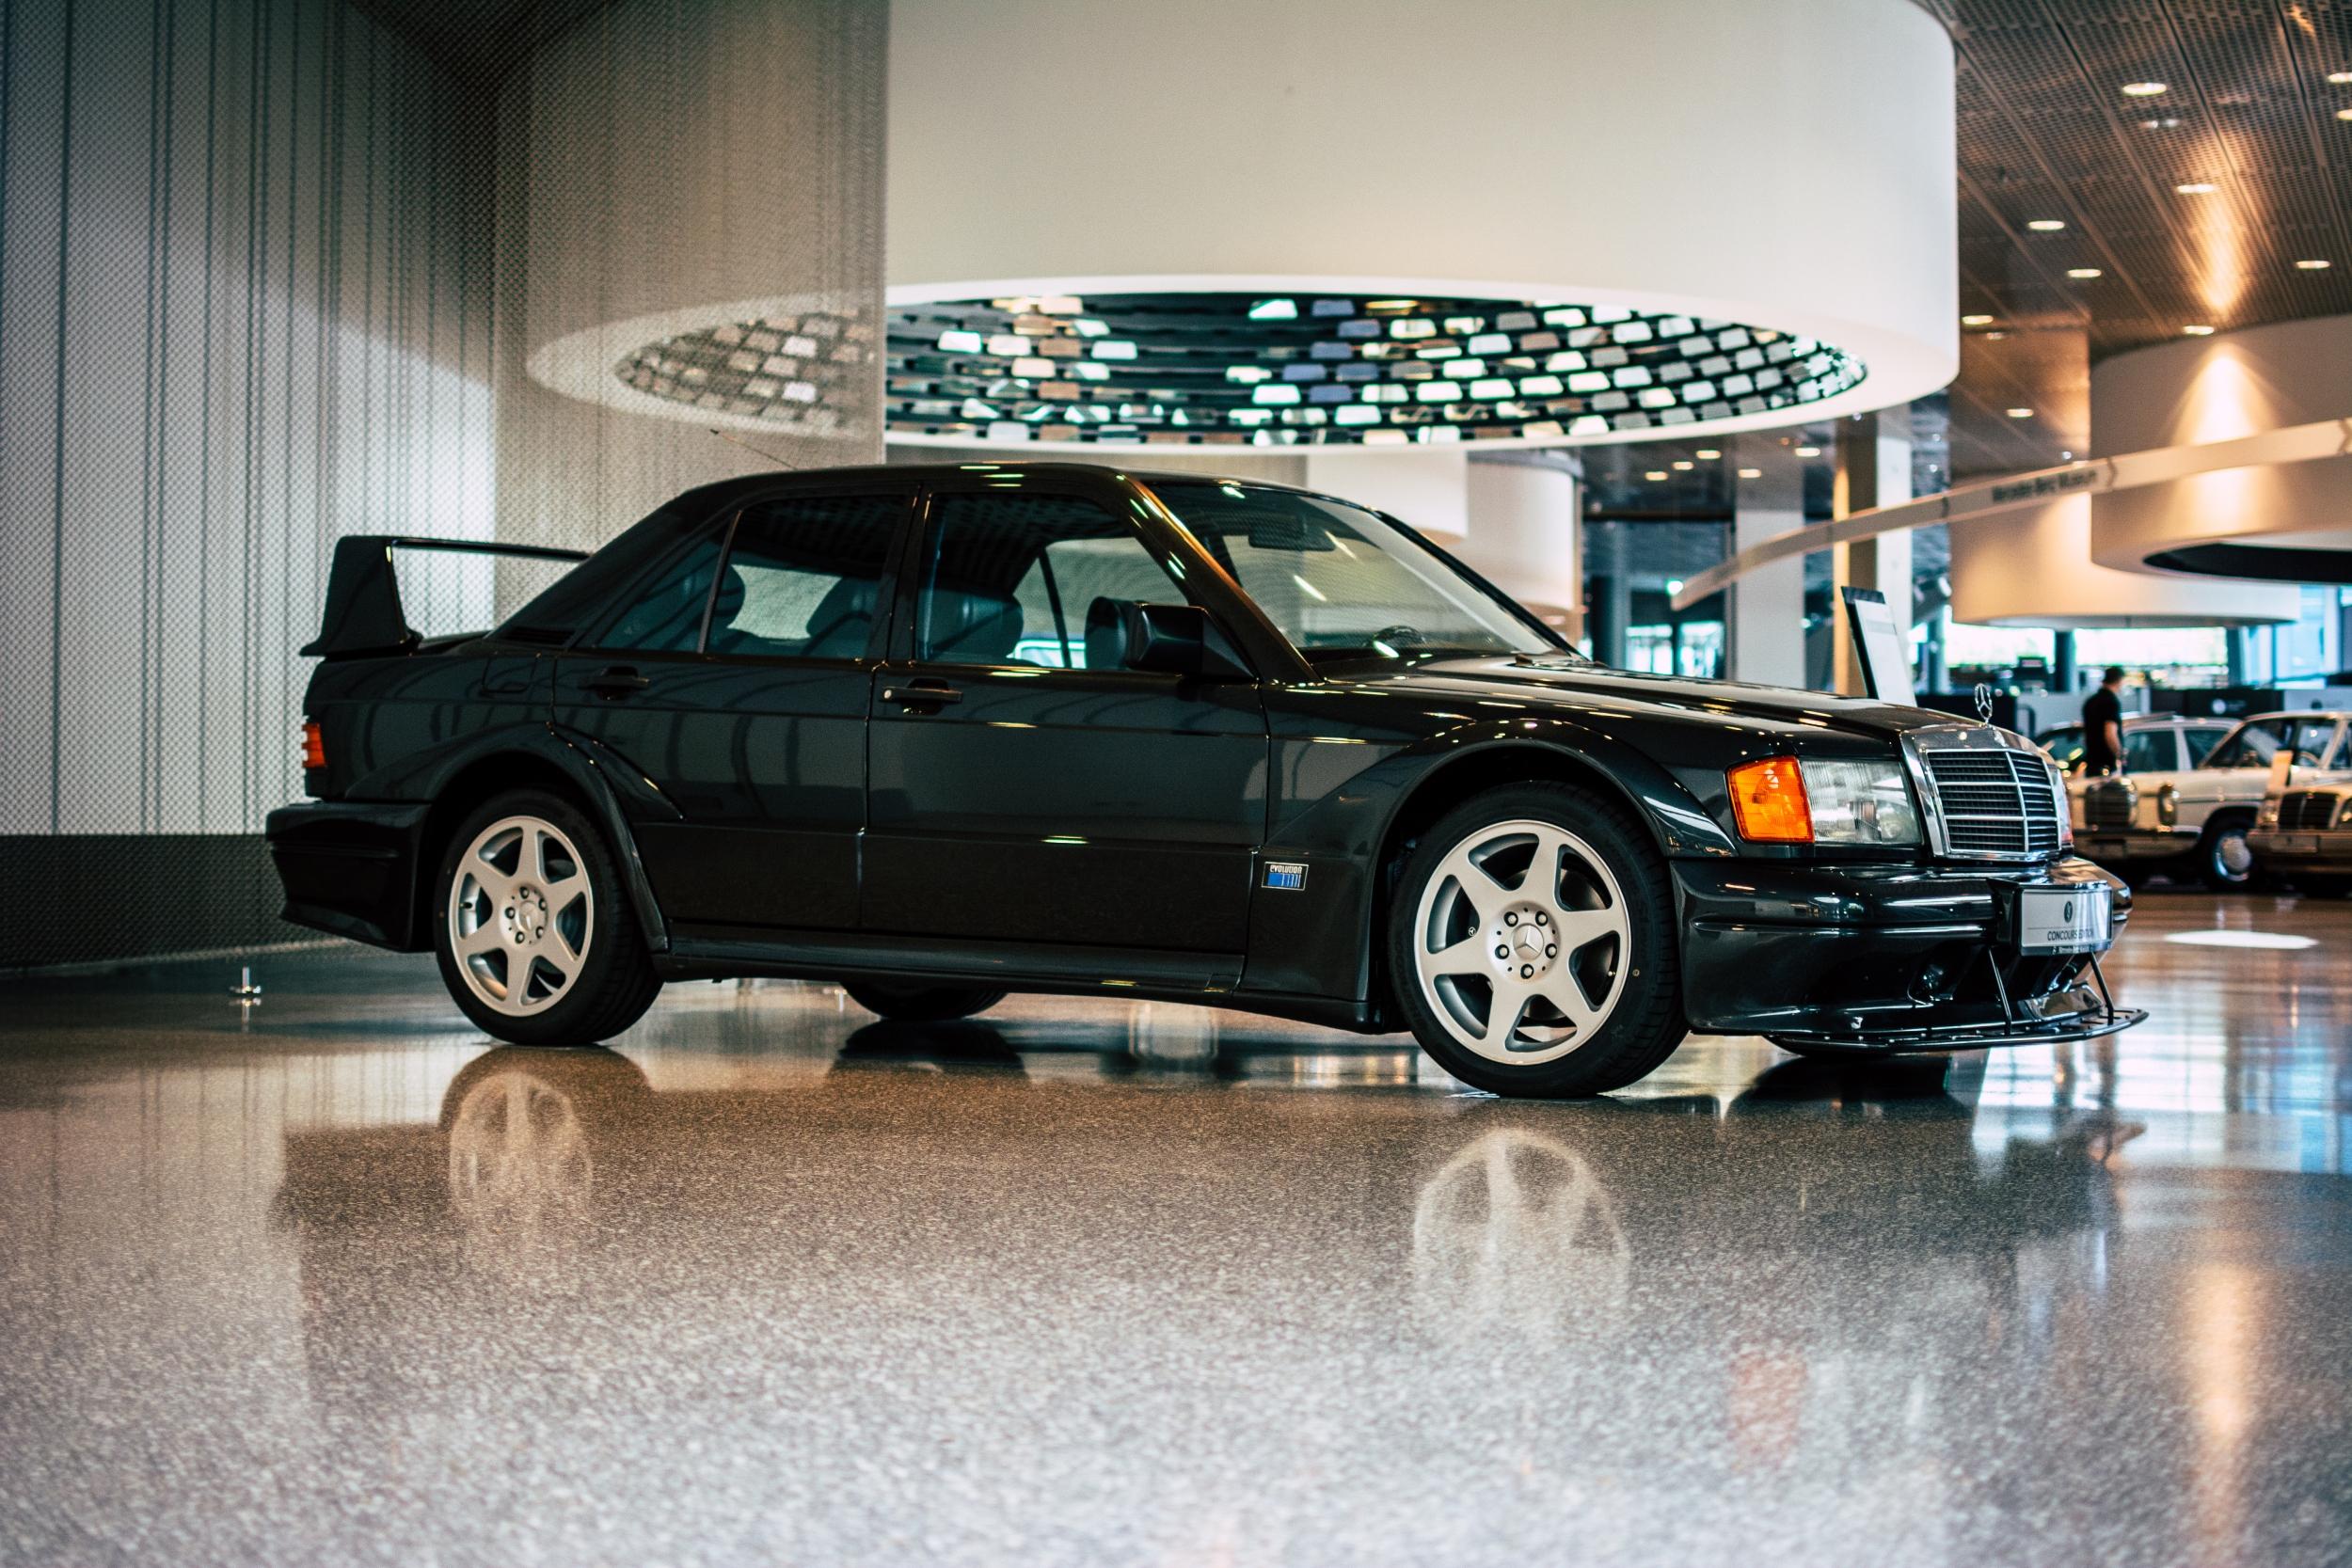 Mercedes-Benz Museum 190E Cosworth Evo 2